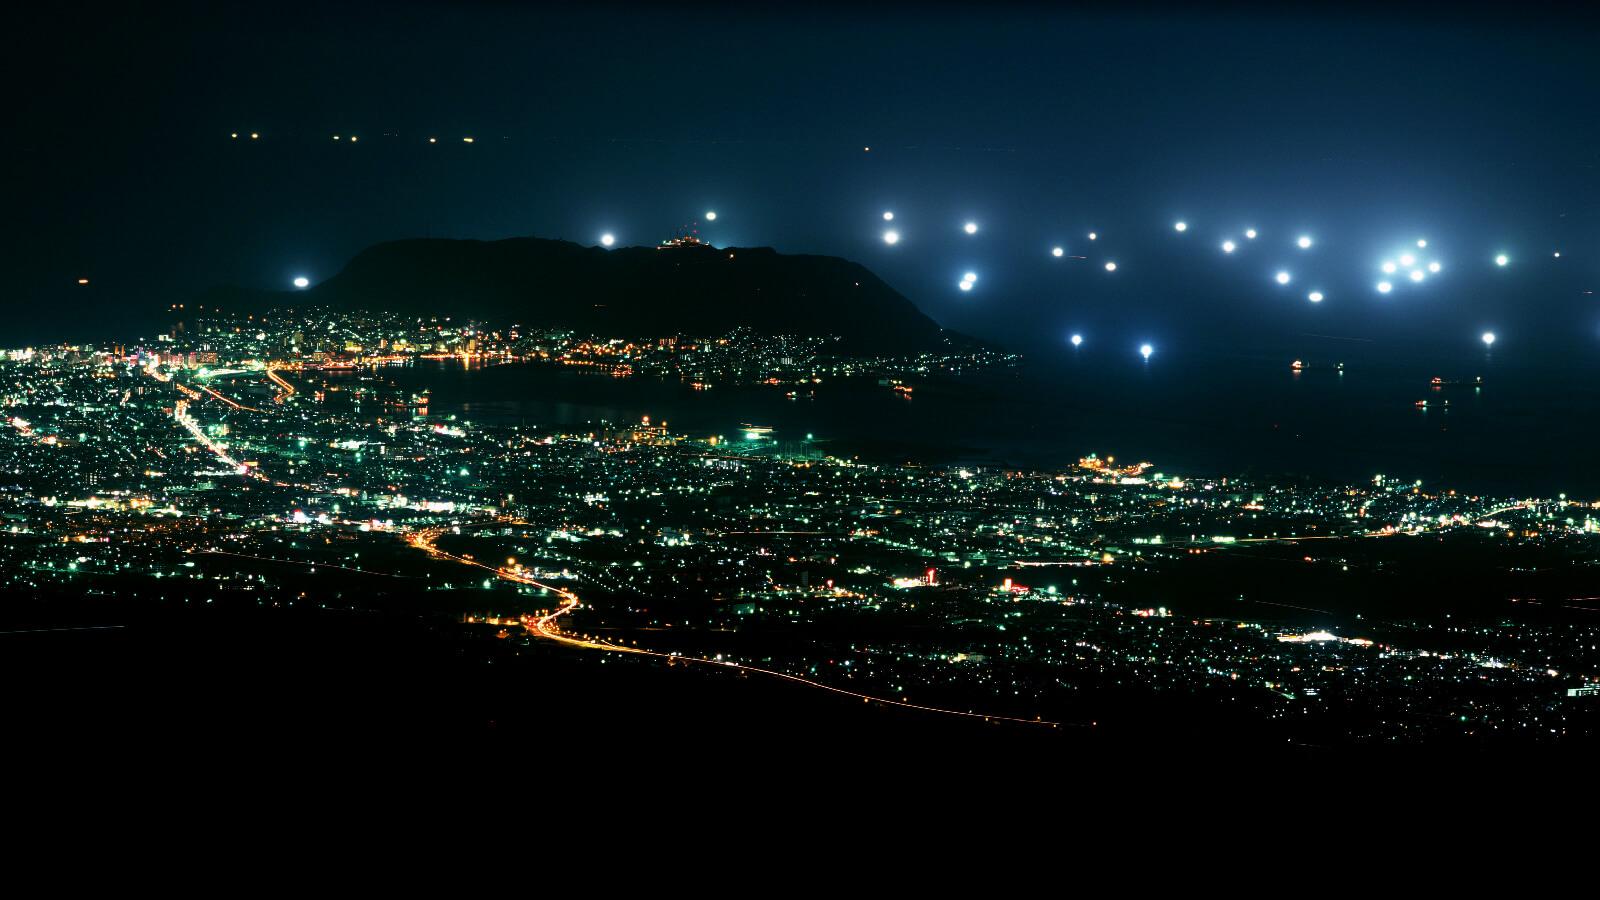 城岱牧場展望台:欣賞函館夜景的秘密景點